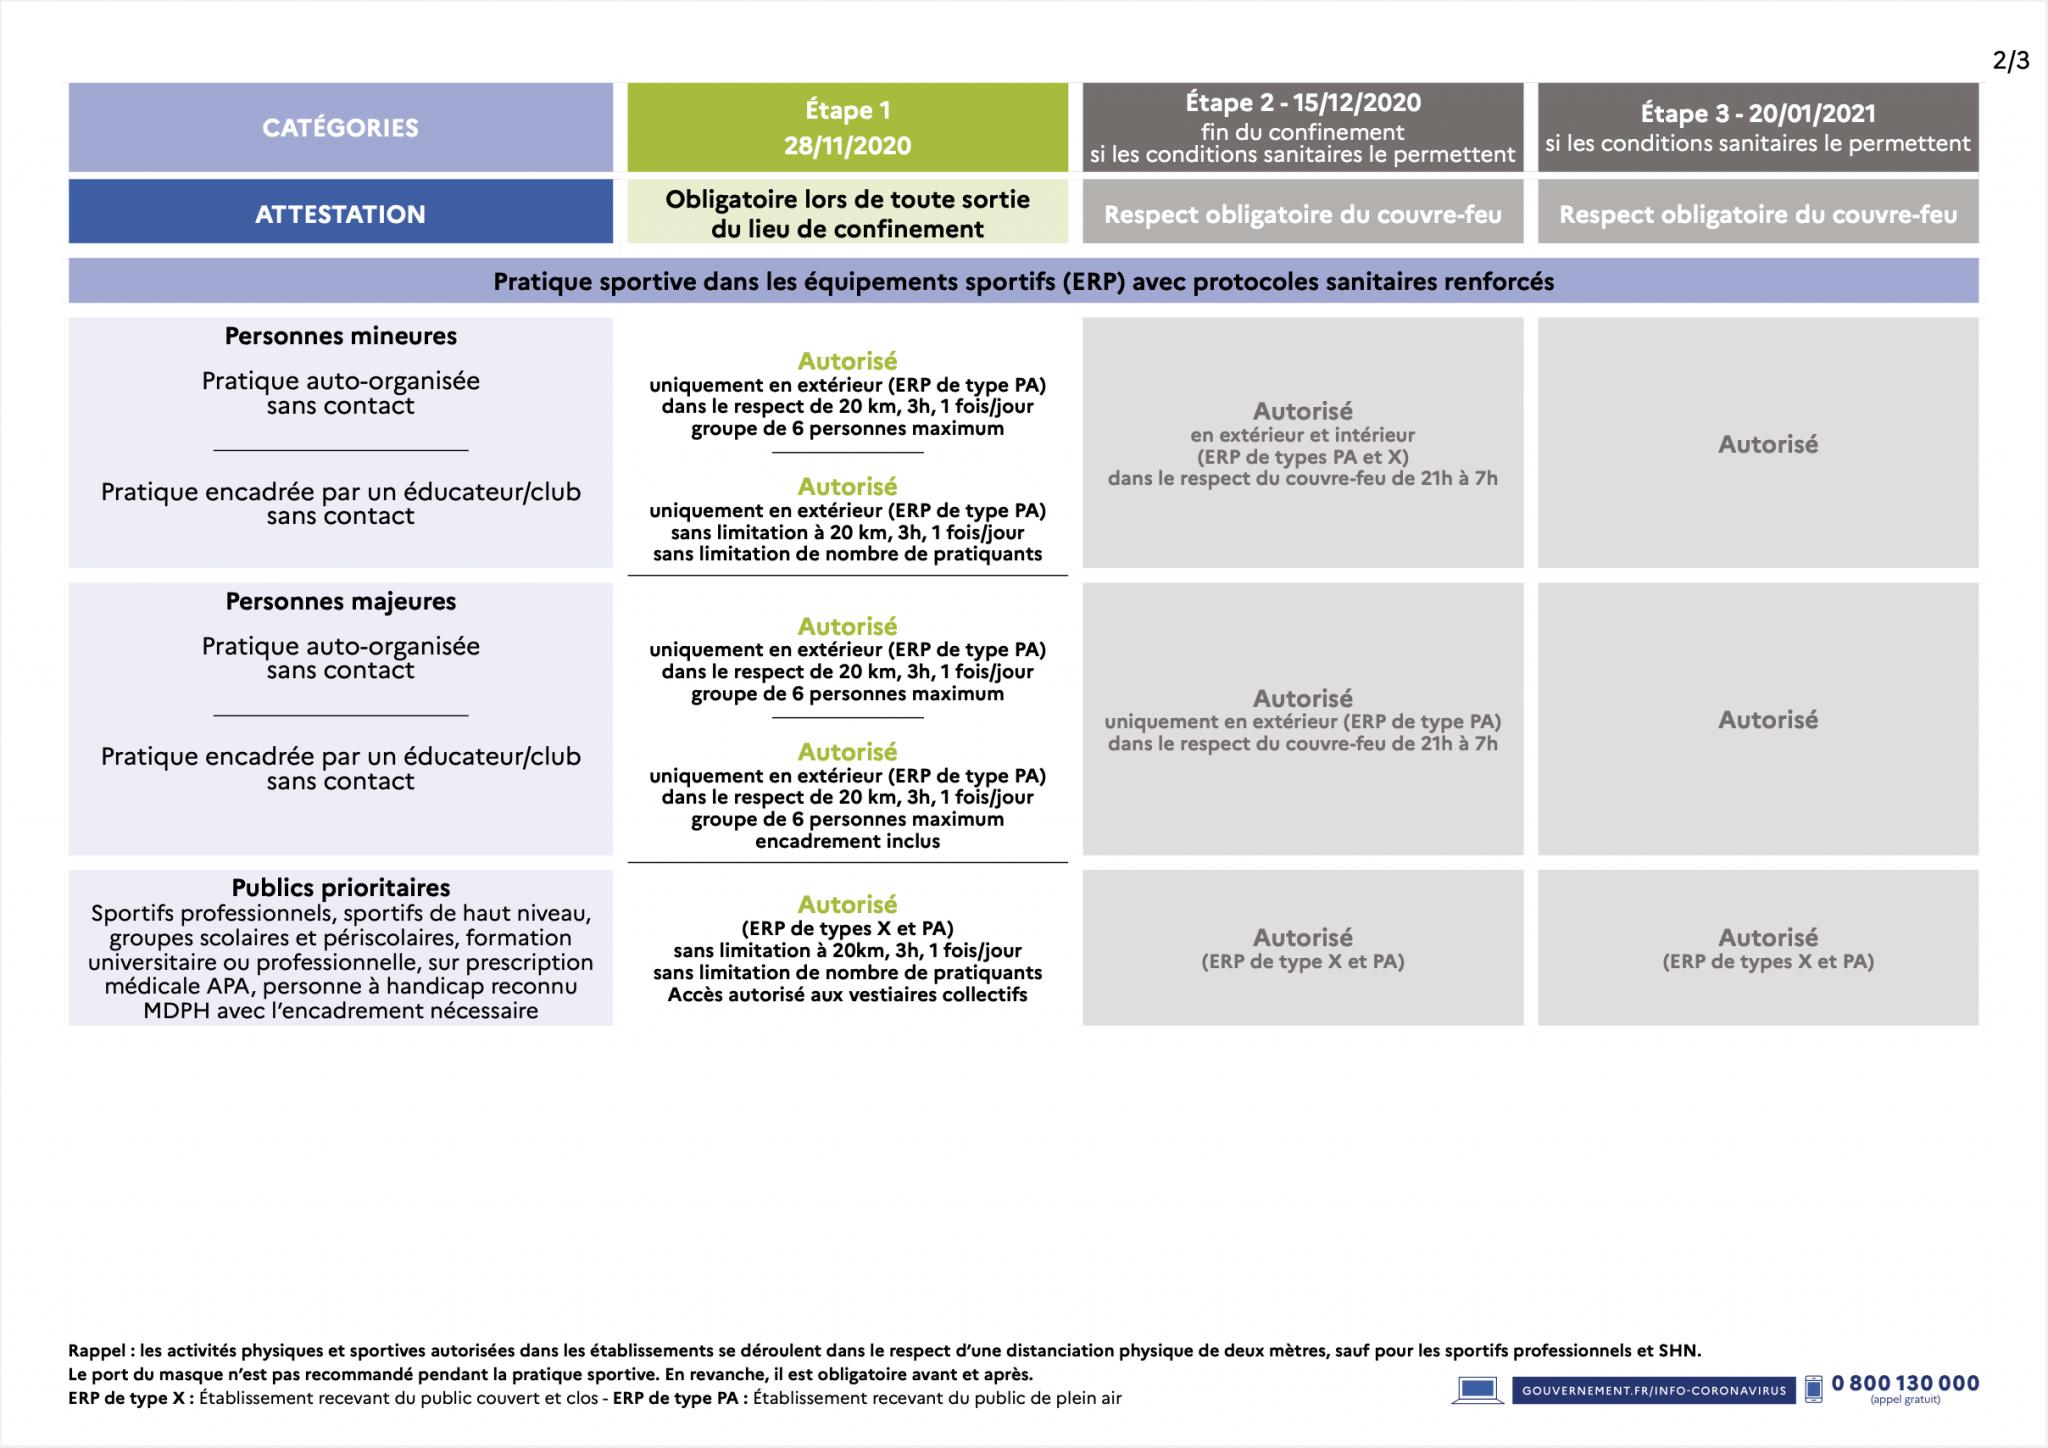 Nouvelles Mesures Pour Le Sport Coronavirus Covid 19 Actualites Du Prefet Et Des Sous Prefets Actualites Accueil Les Services De L Etat Dans Le Haut Rhin